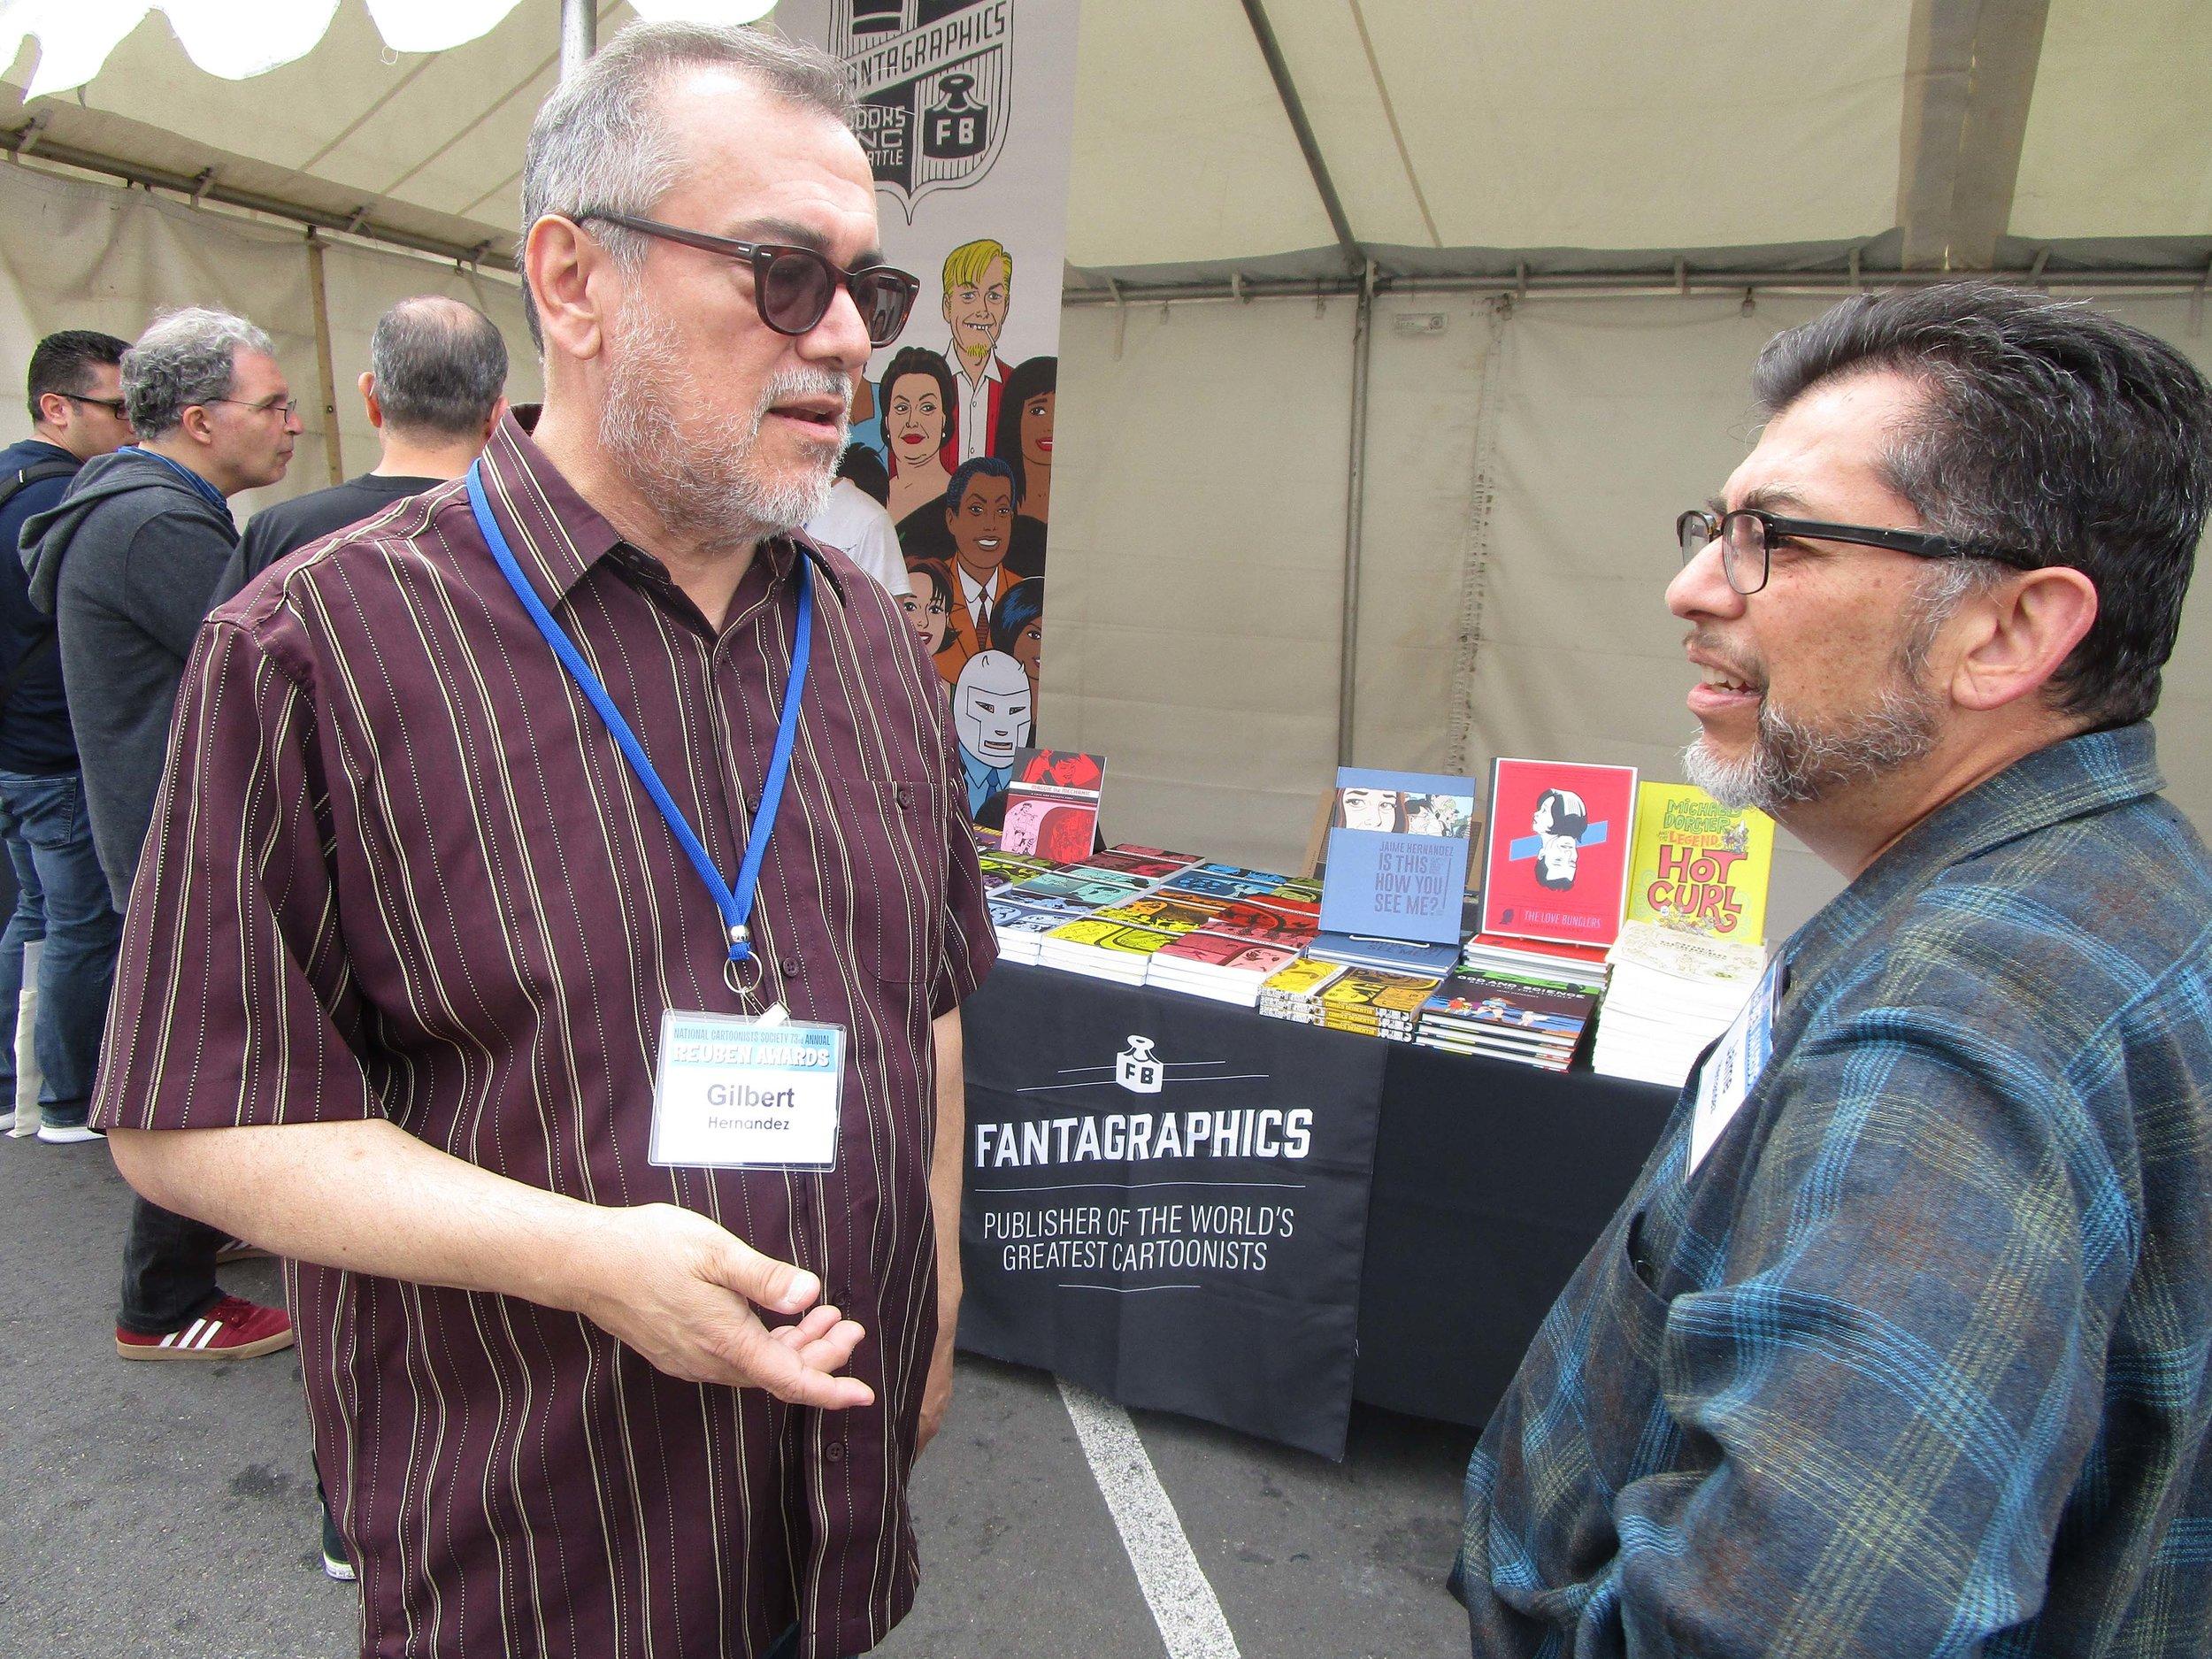 Gilbert (left) and Jaime Hernandez